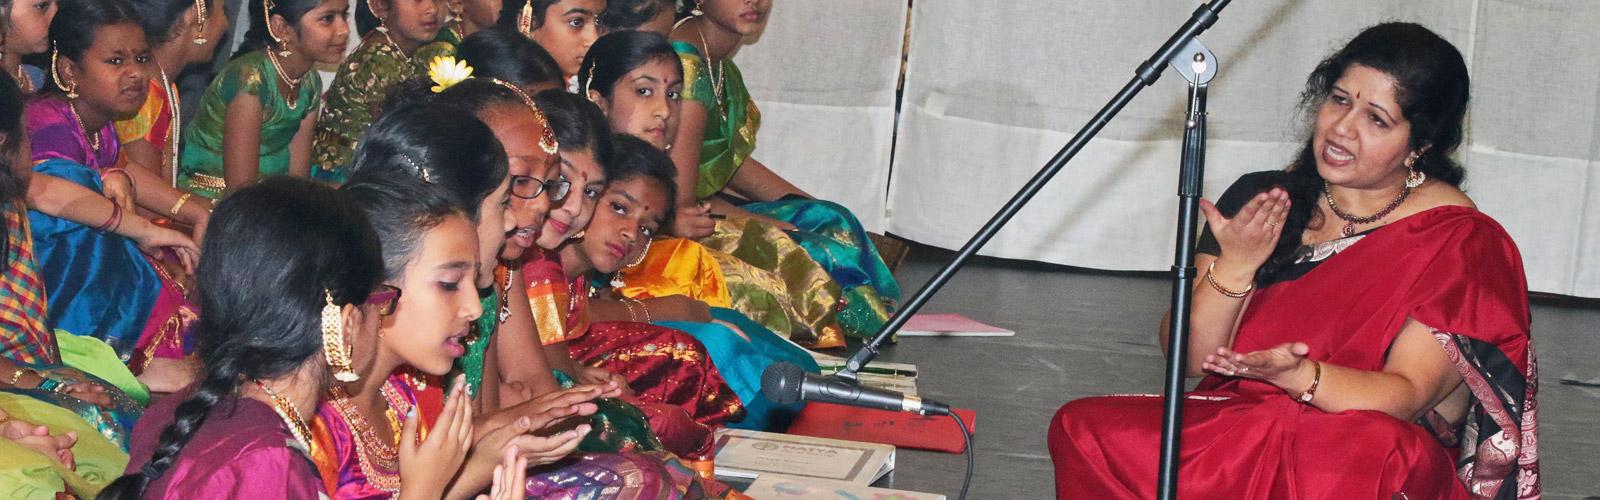 hindu fayetteville nc dance